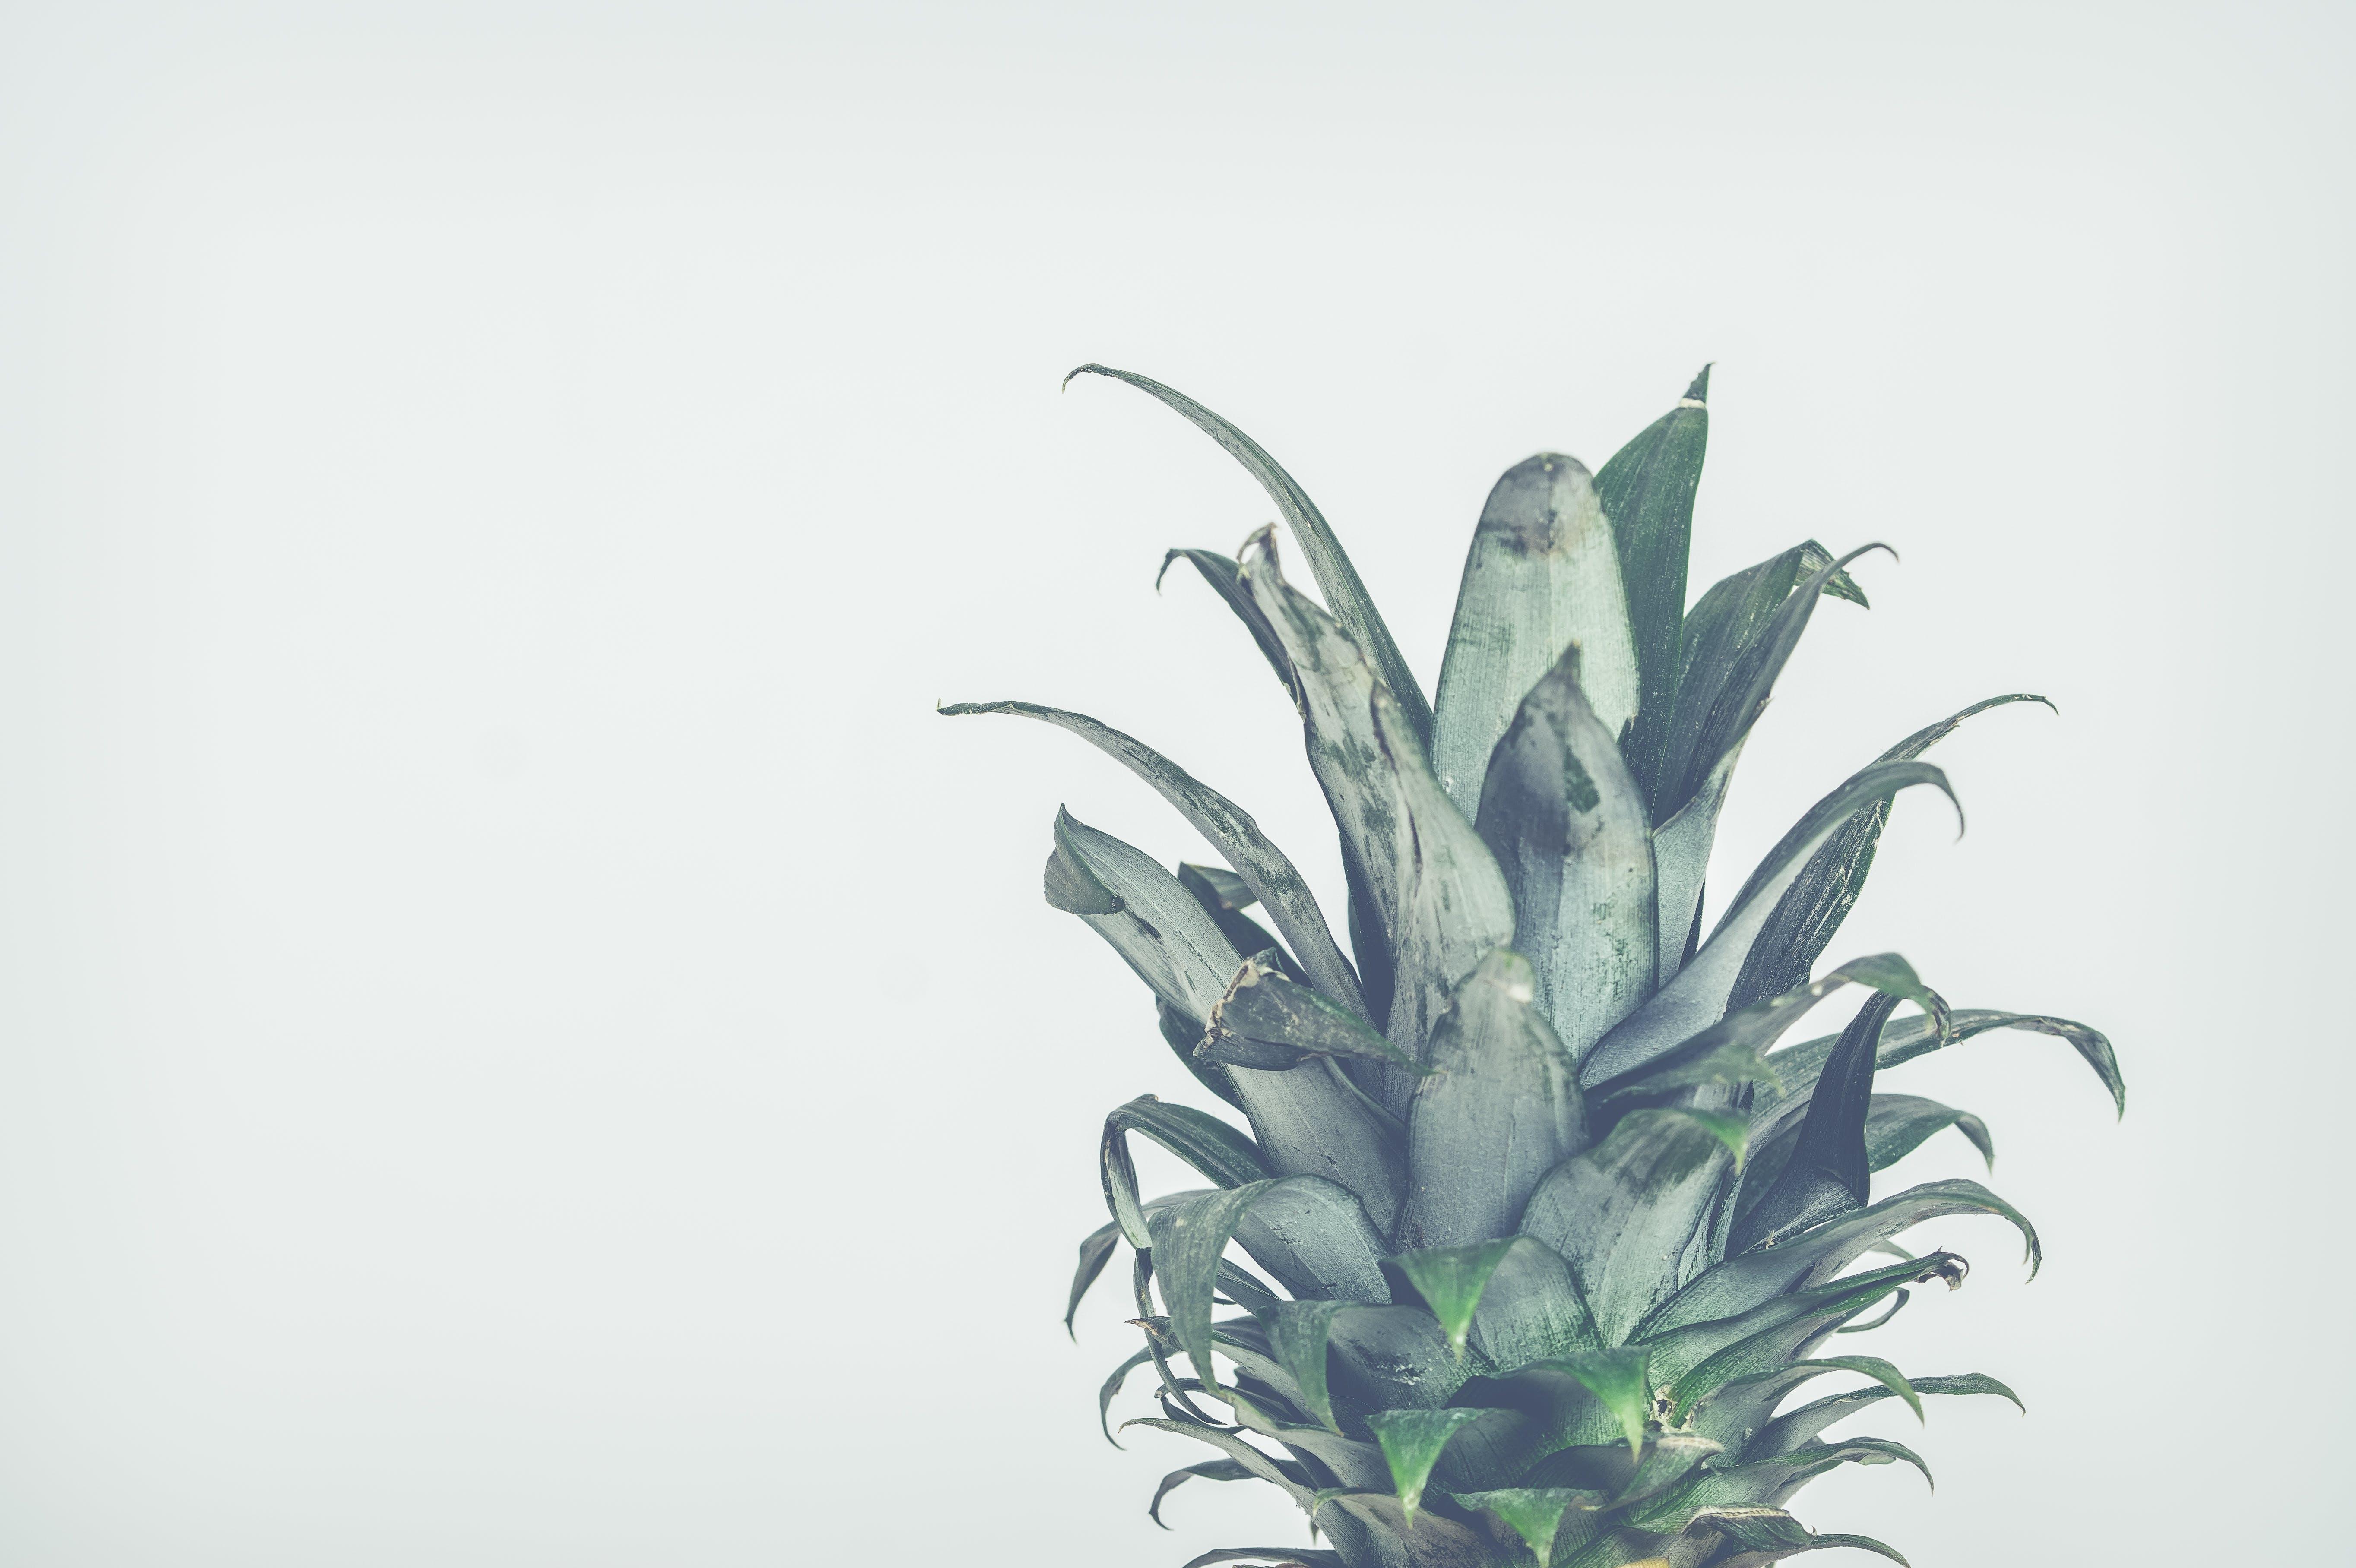 Gratis lagerfoto af ananas, tropiske frugter